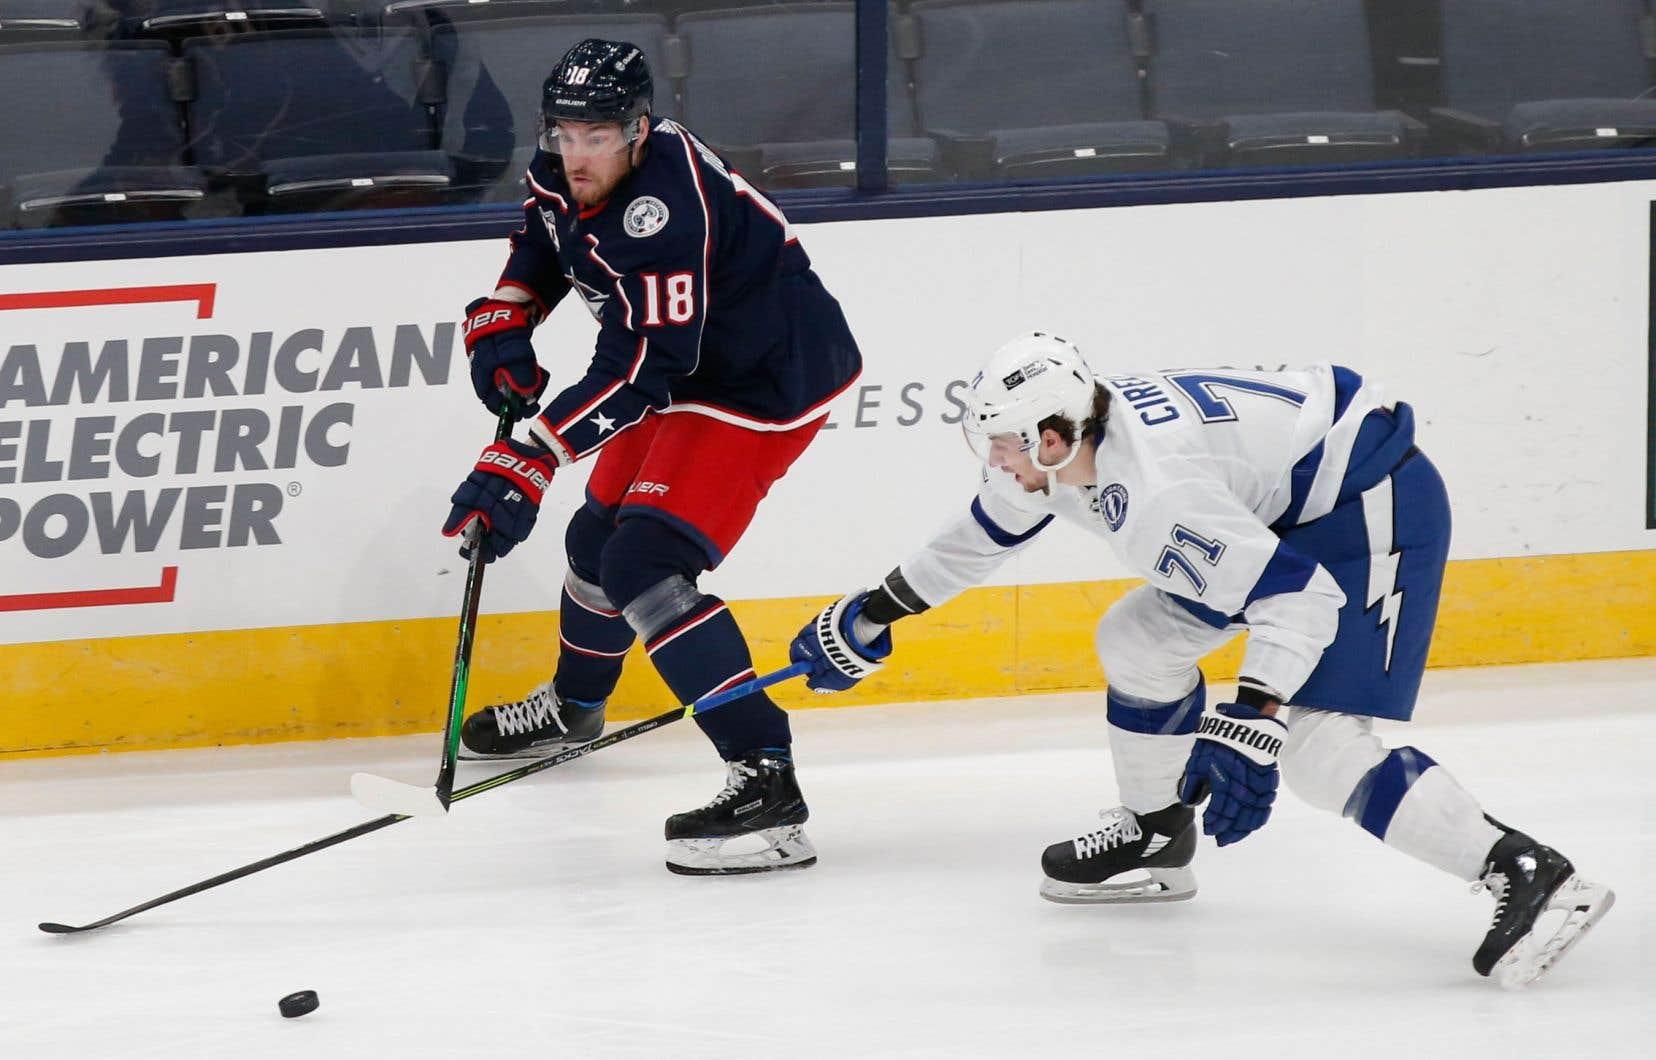 À gauche, le joueur de hockey, Pierre-Luc Dubois